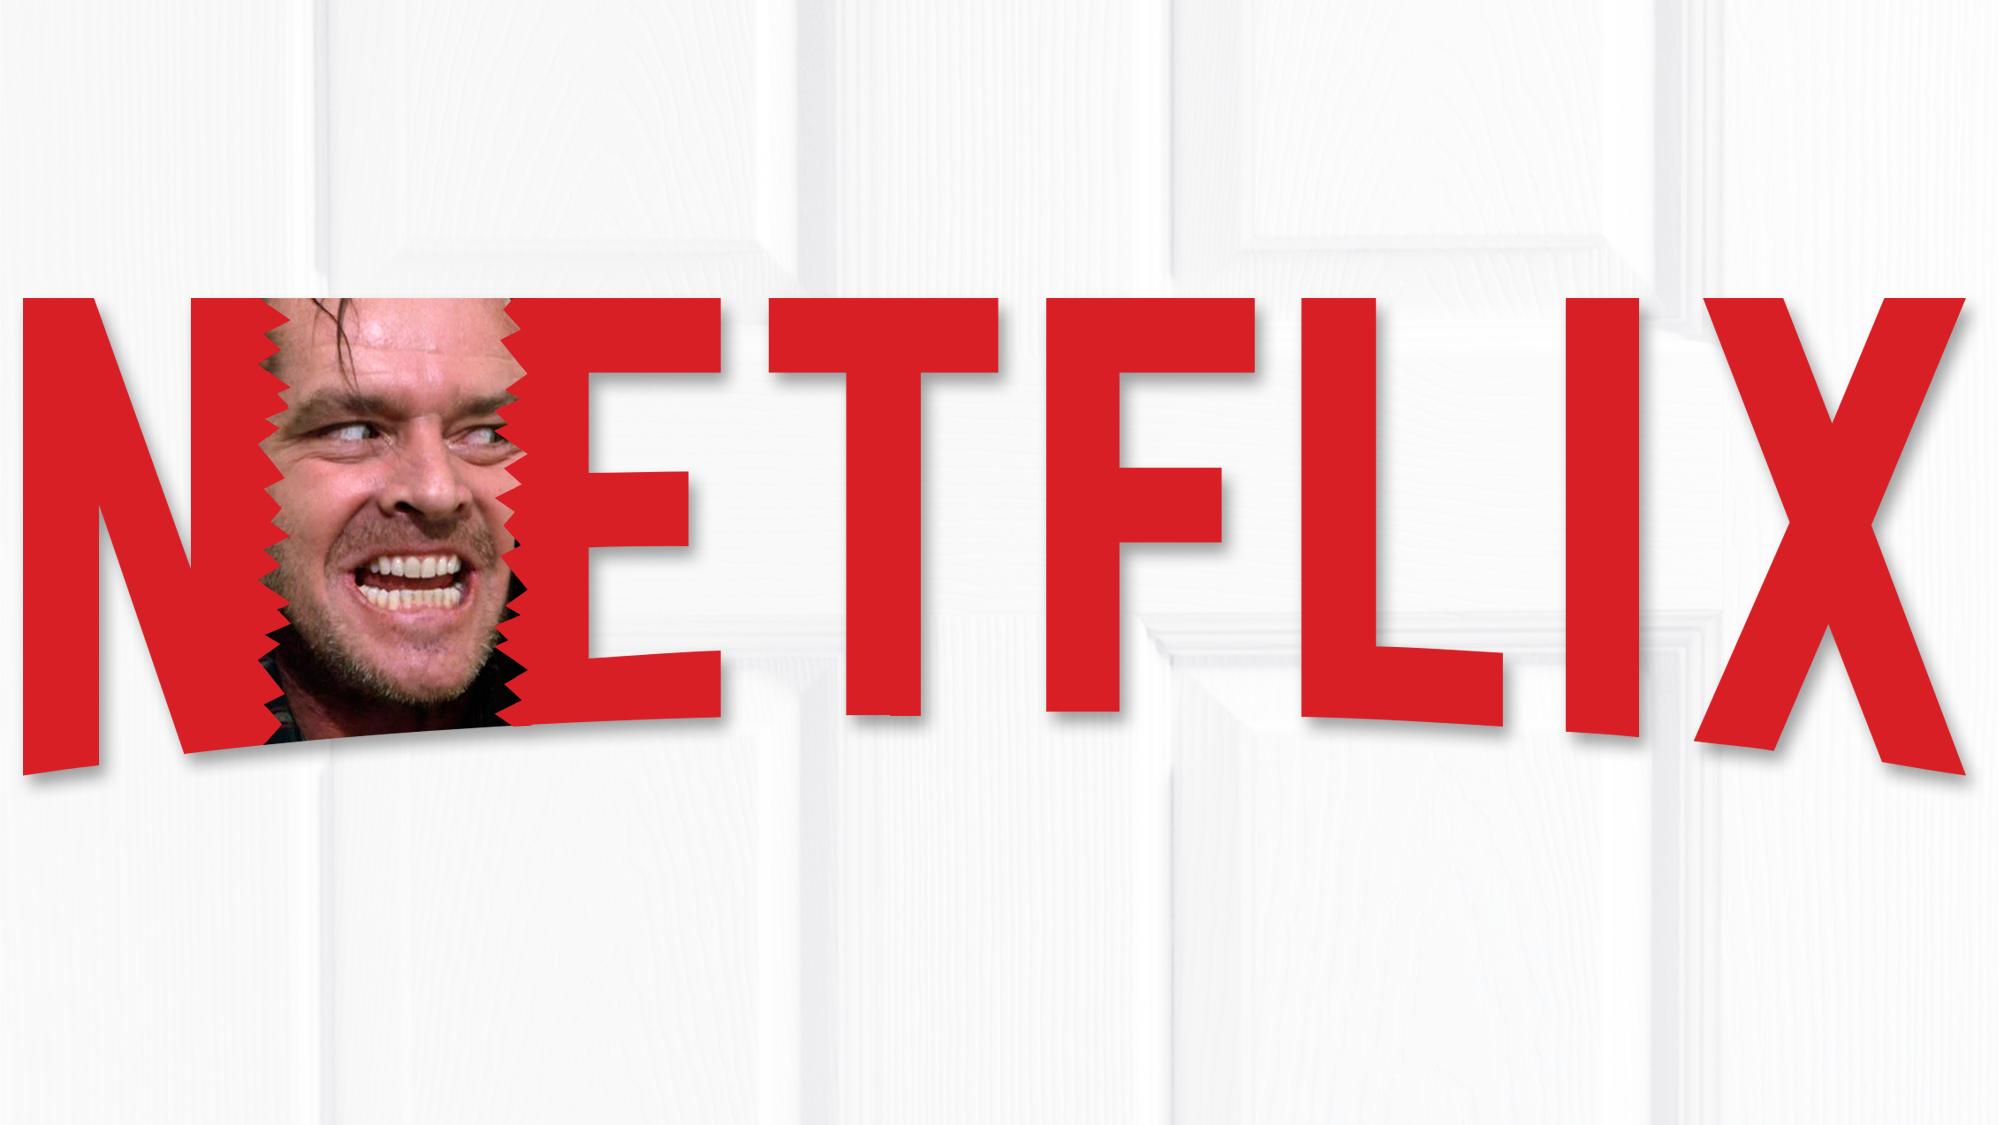 ¡Sorpresa! Malware de Android prometedor de Netflix gratuito no proporcionó Netflix gratuito 12